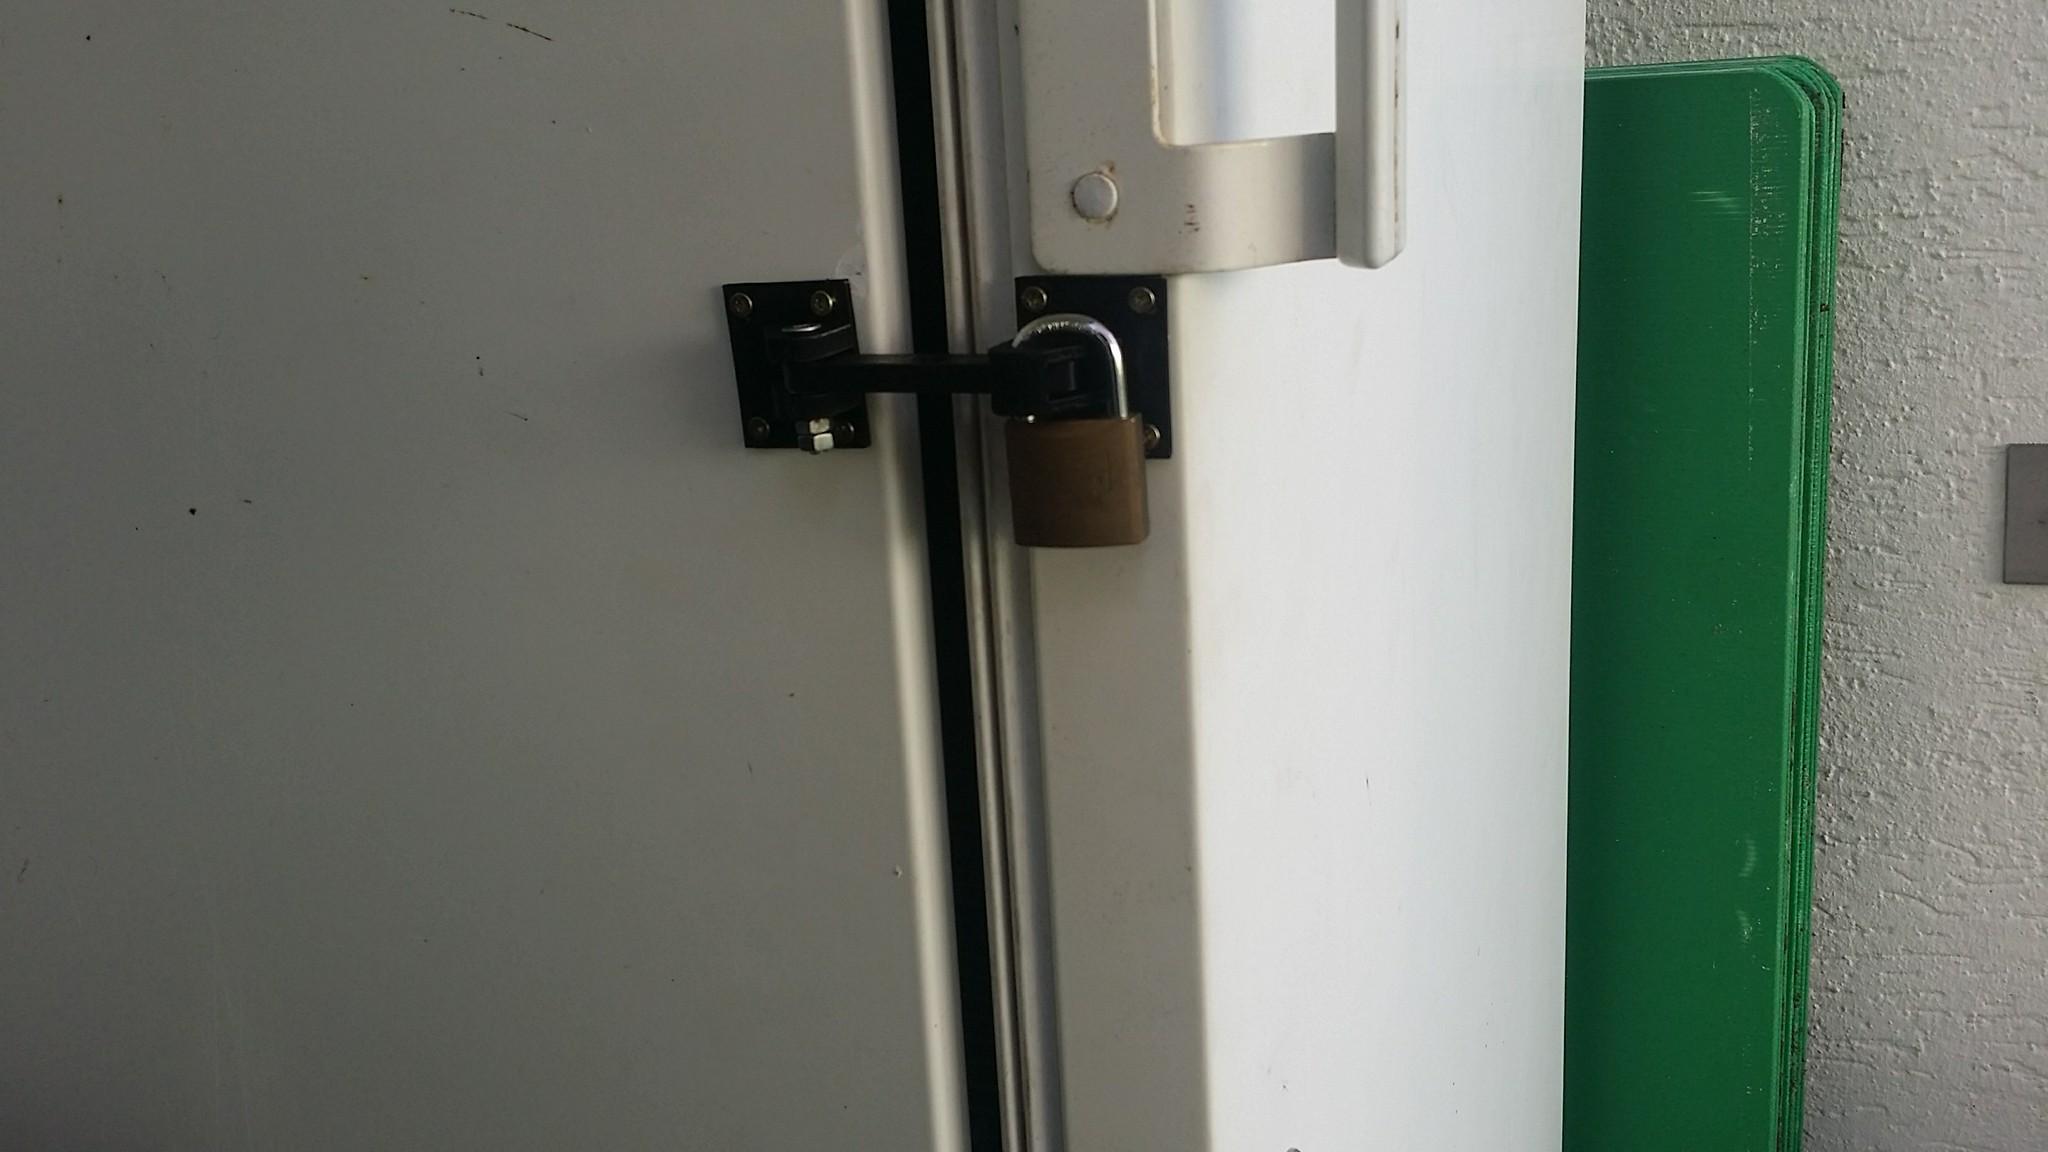 Kühlschrank Verriegeln Set : Kühlschrank verriegelung by madcre8 thingiverse